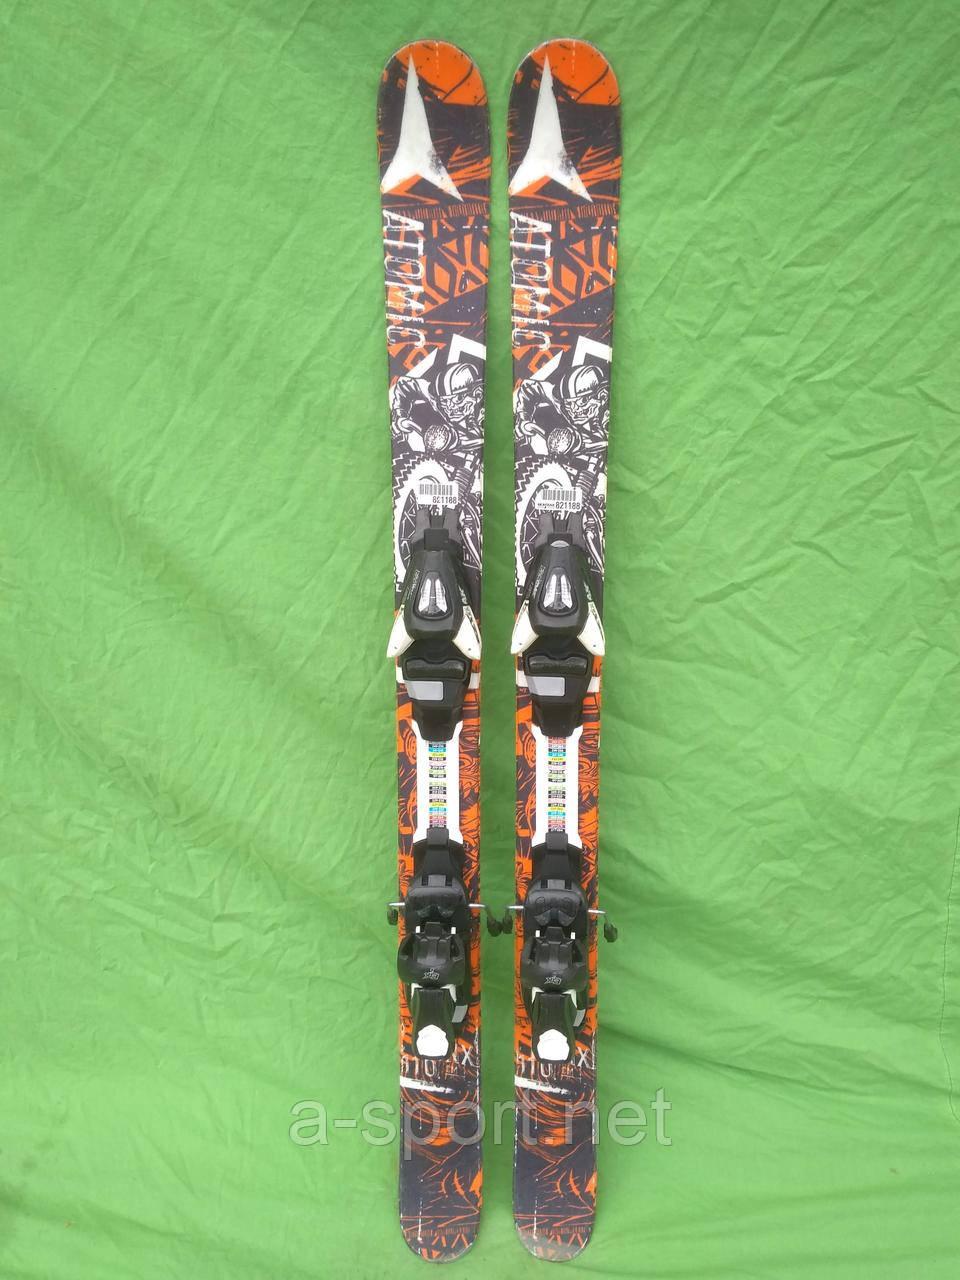 Atomic Punx Jr II 110 см гірські лижі для фрістайлу, твін-тіп 2015р